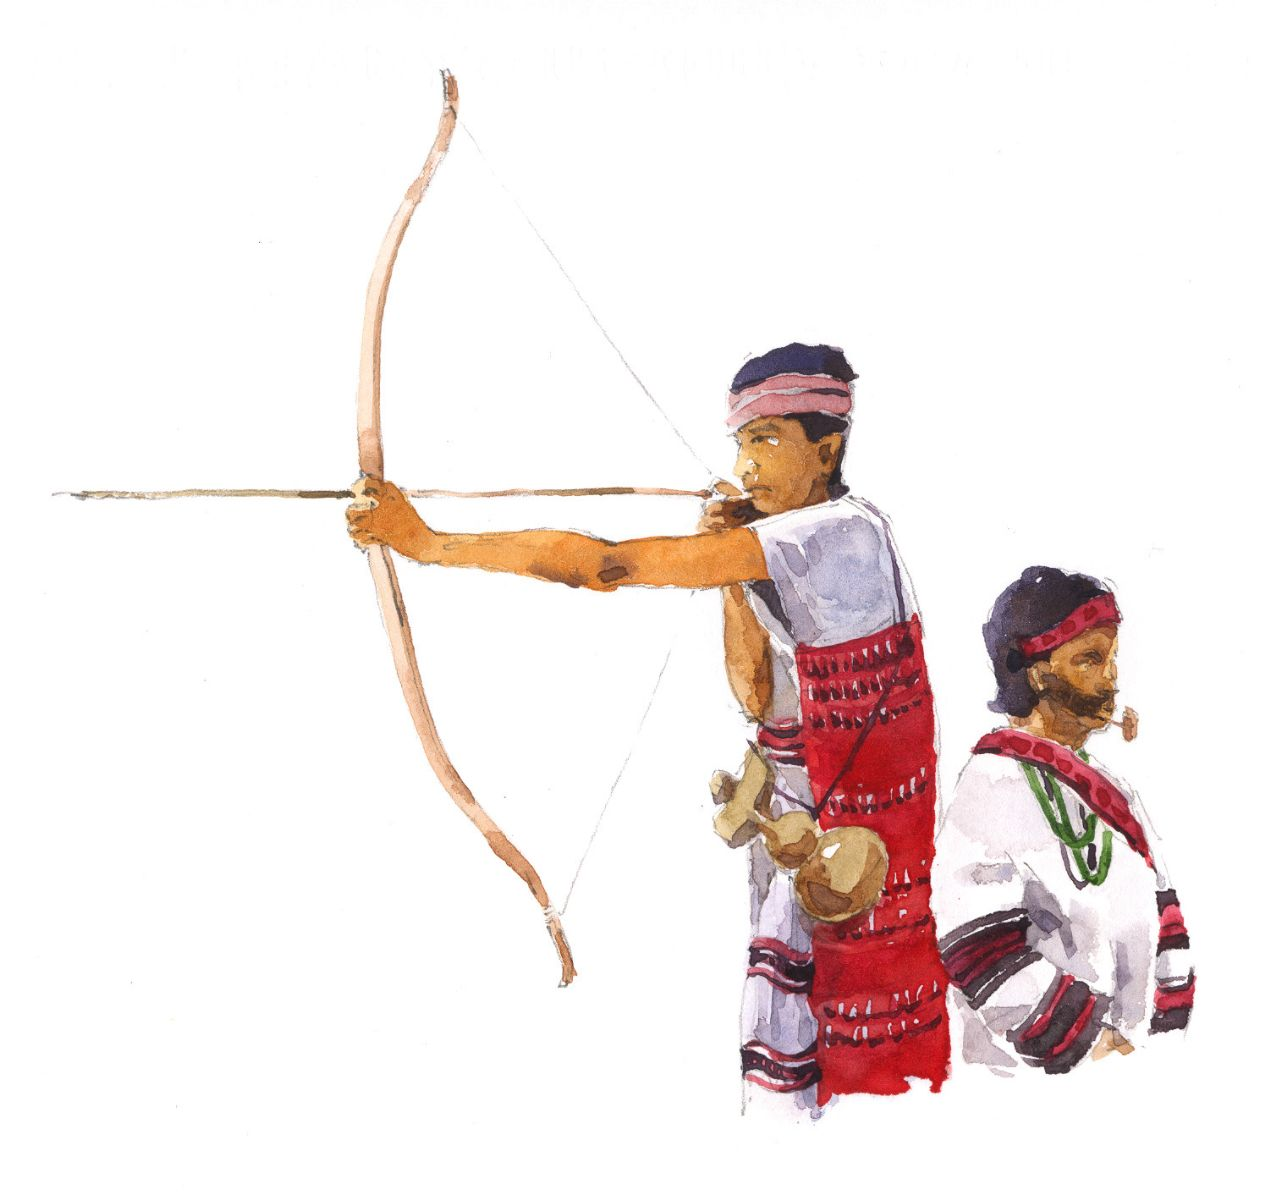 目前泰雅族這個名詞,除了做為泰雅族人的自稱外,也被外族用來統一稱呼包含泰雅族中另一個亞族─「賽德克亞族」在內的所有的泰雅族人。